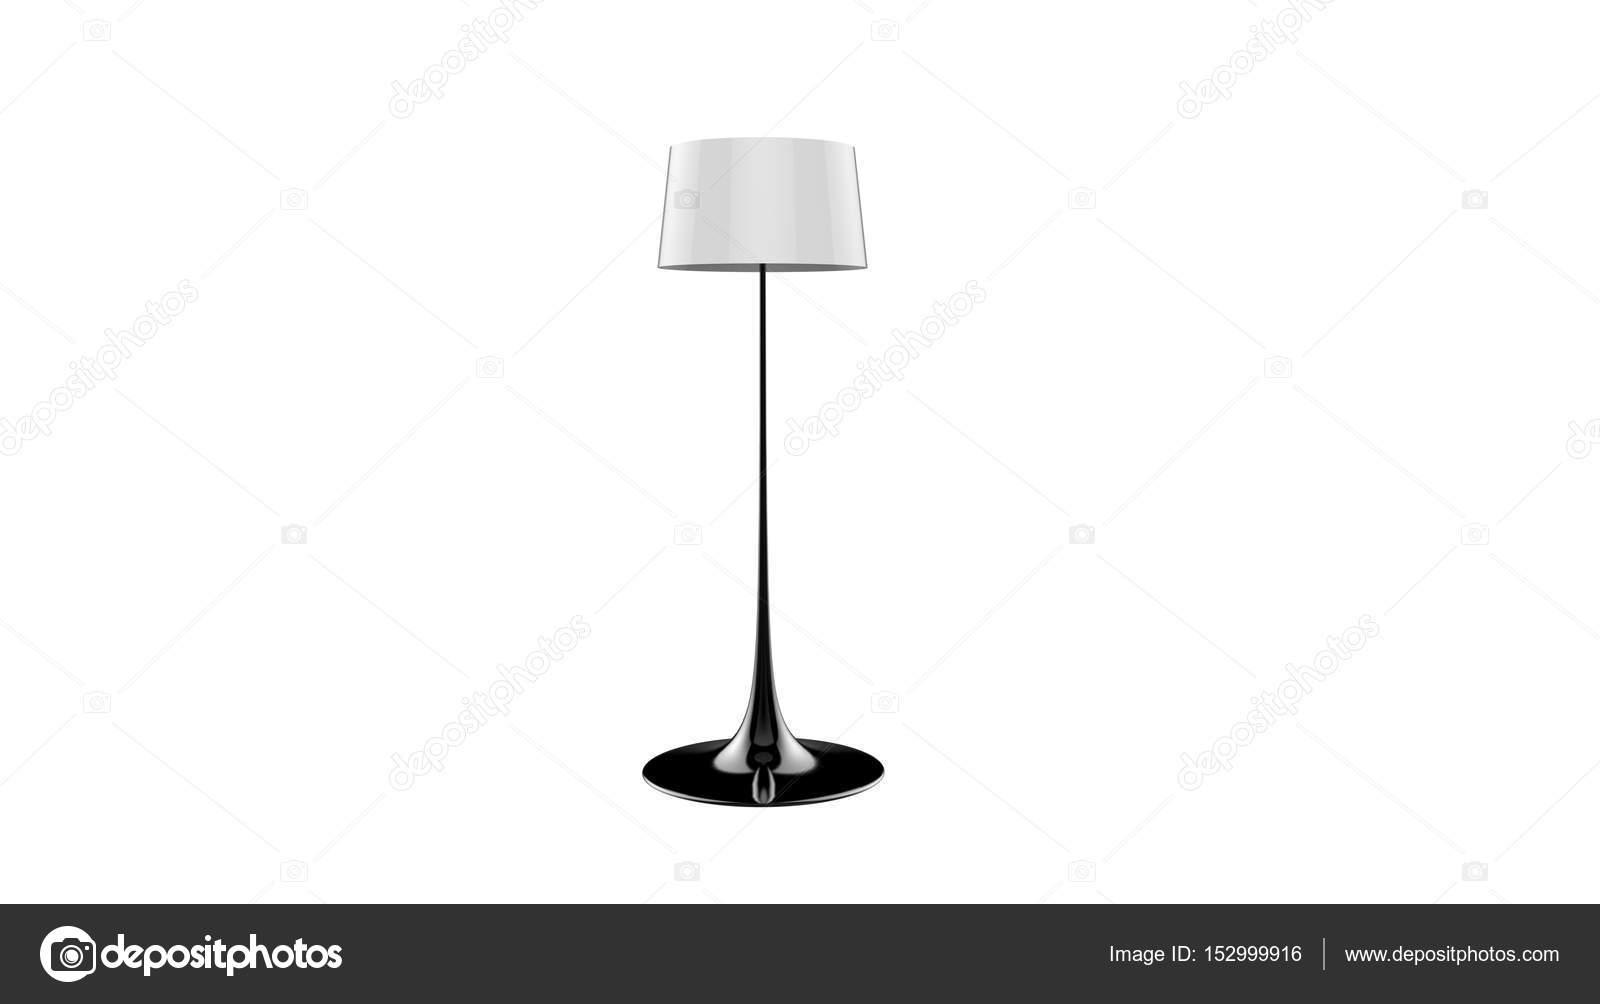 Lamba nasıl temizlenir Lamba temizlerken nelere dikkat edilmeli